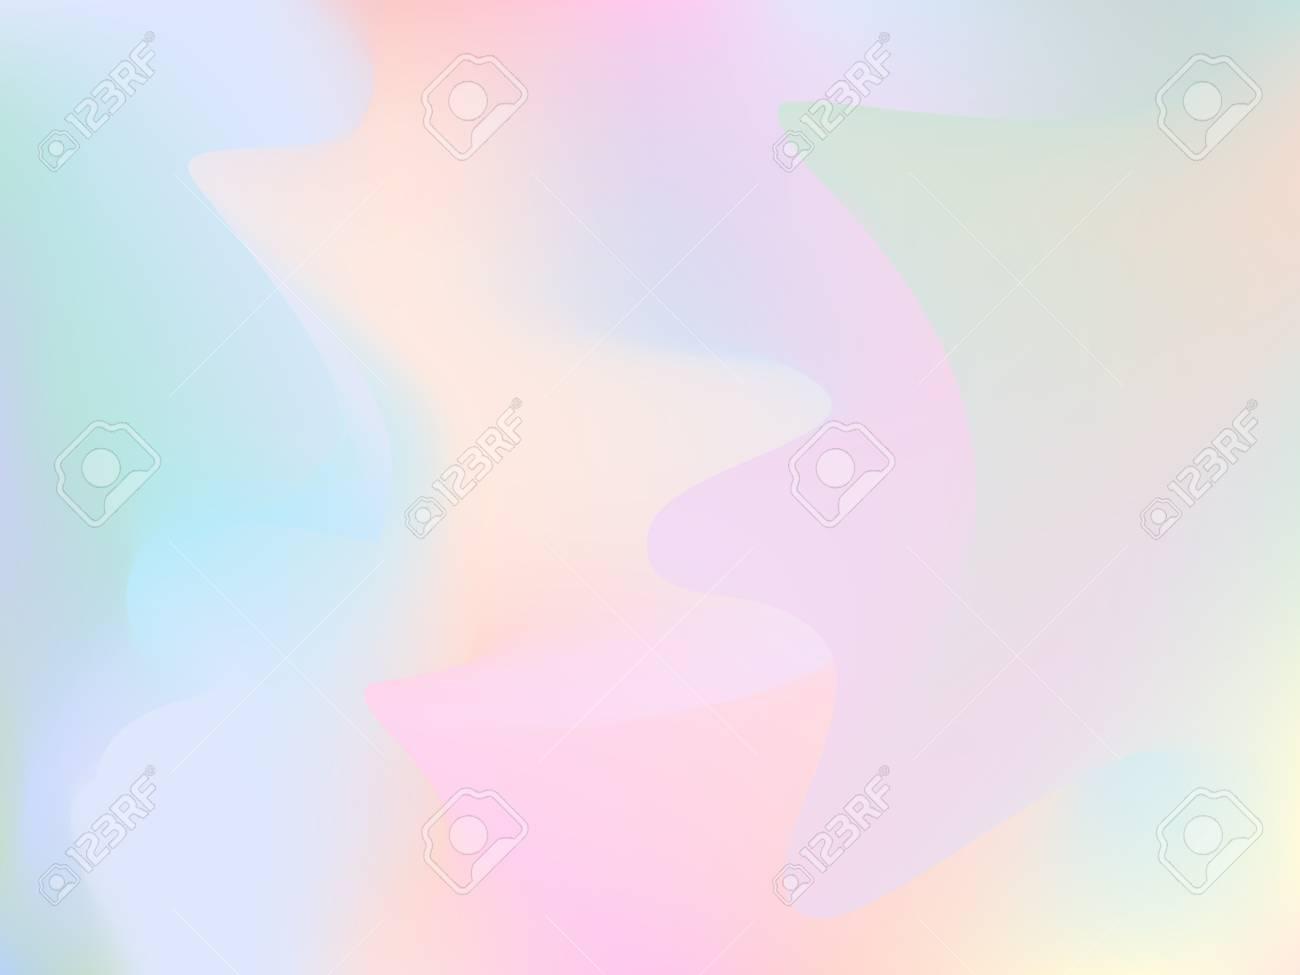 ぼやけてホログラム背景 トレンディな絹のようなグリッチの壁紙 虹色